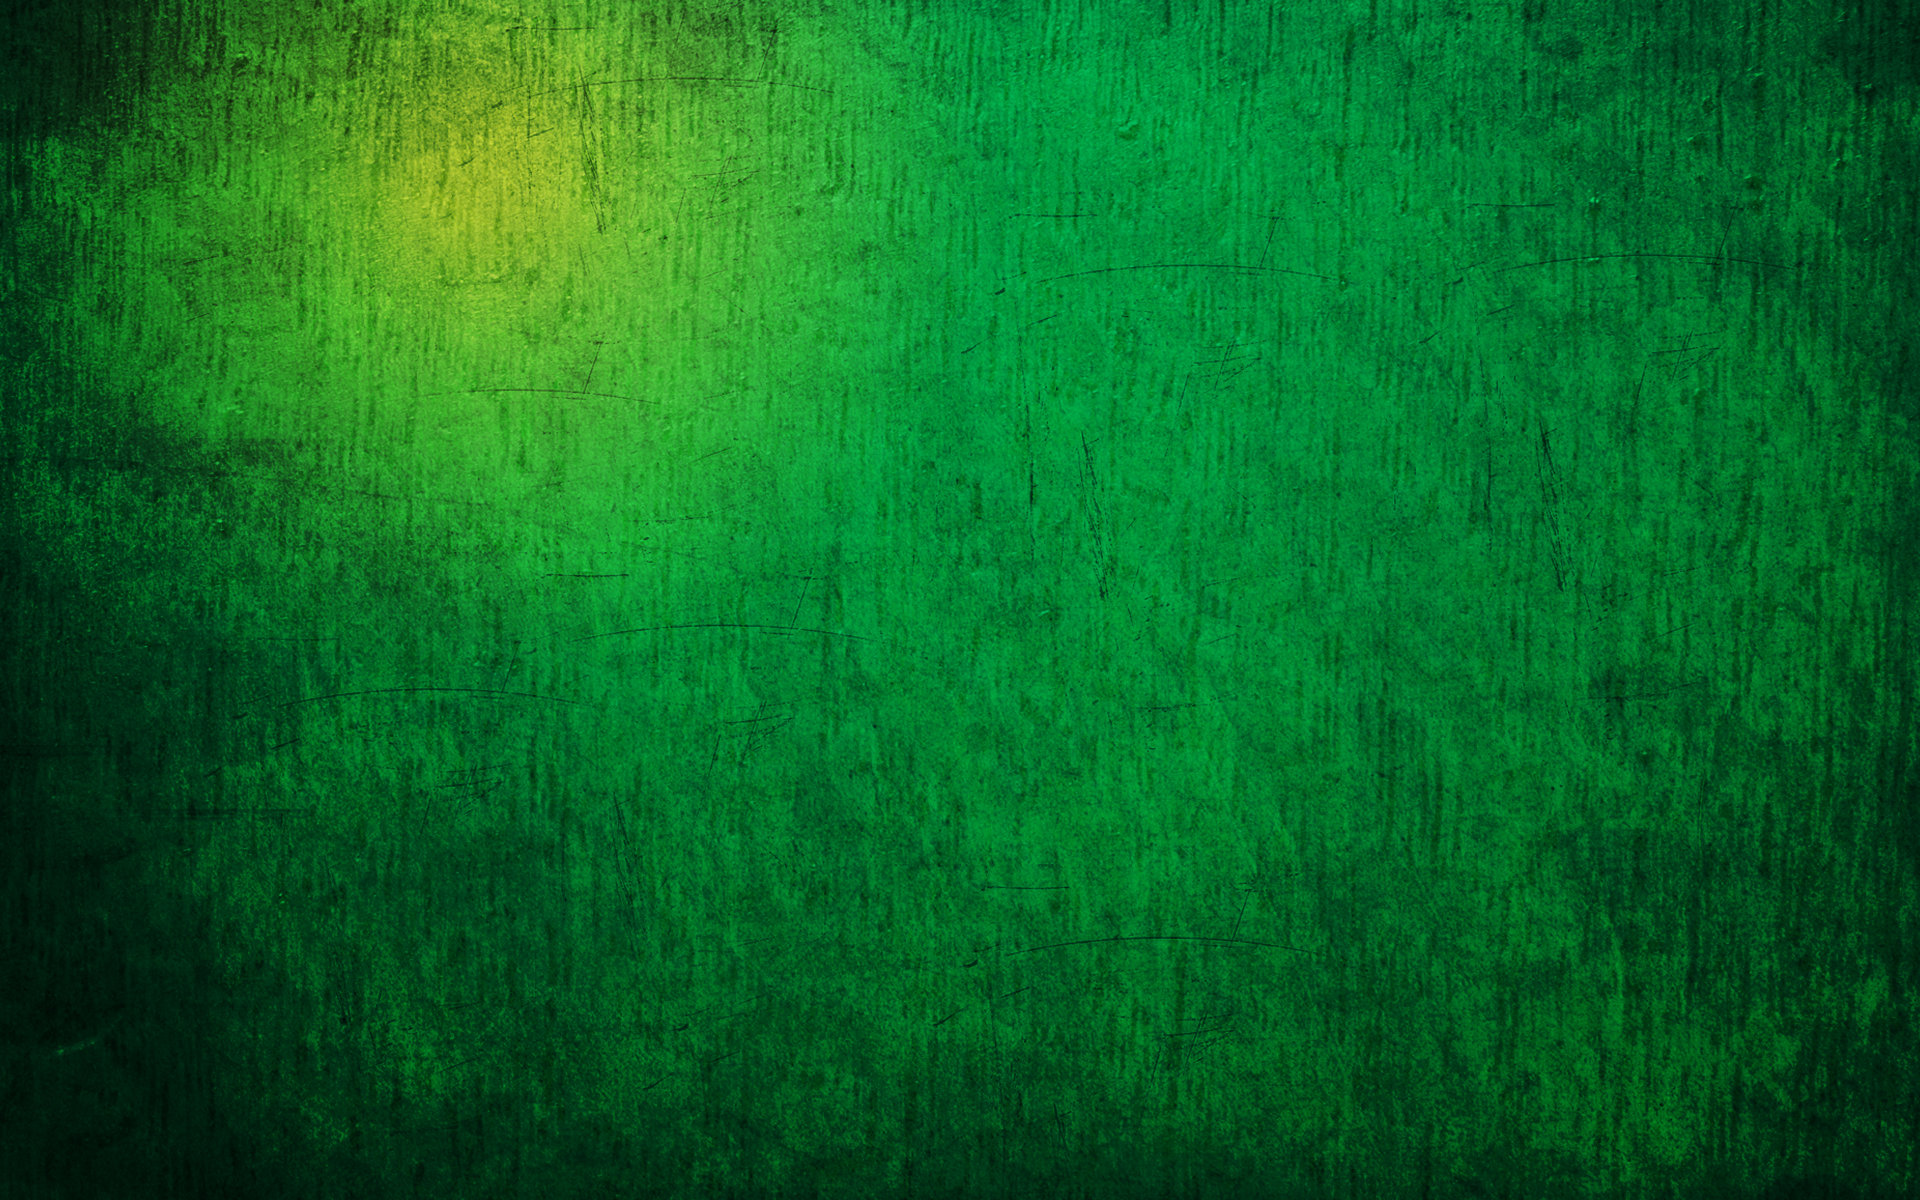 Green Wallpaper 1920x1200